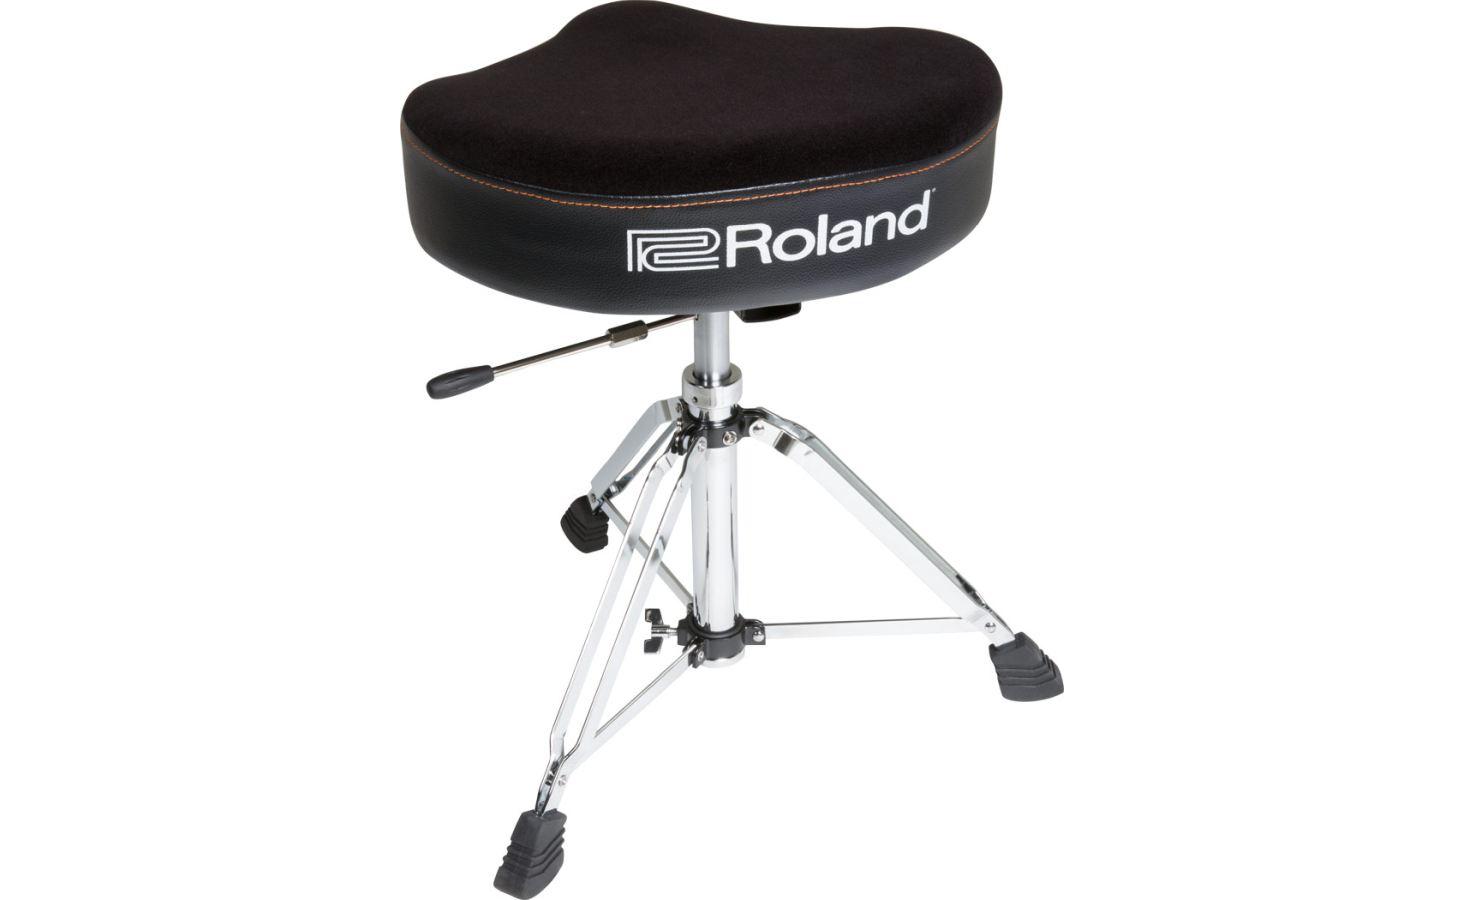 Roland RDT-SH Drum Hocker Sattel Hydraulic